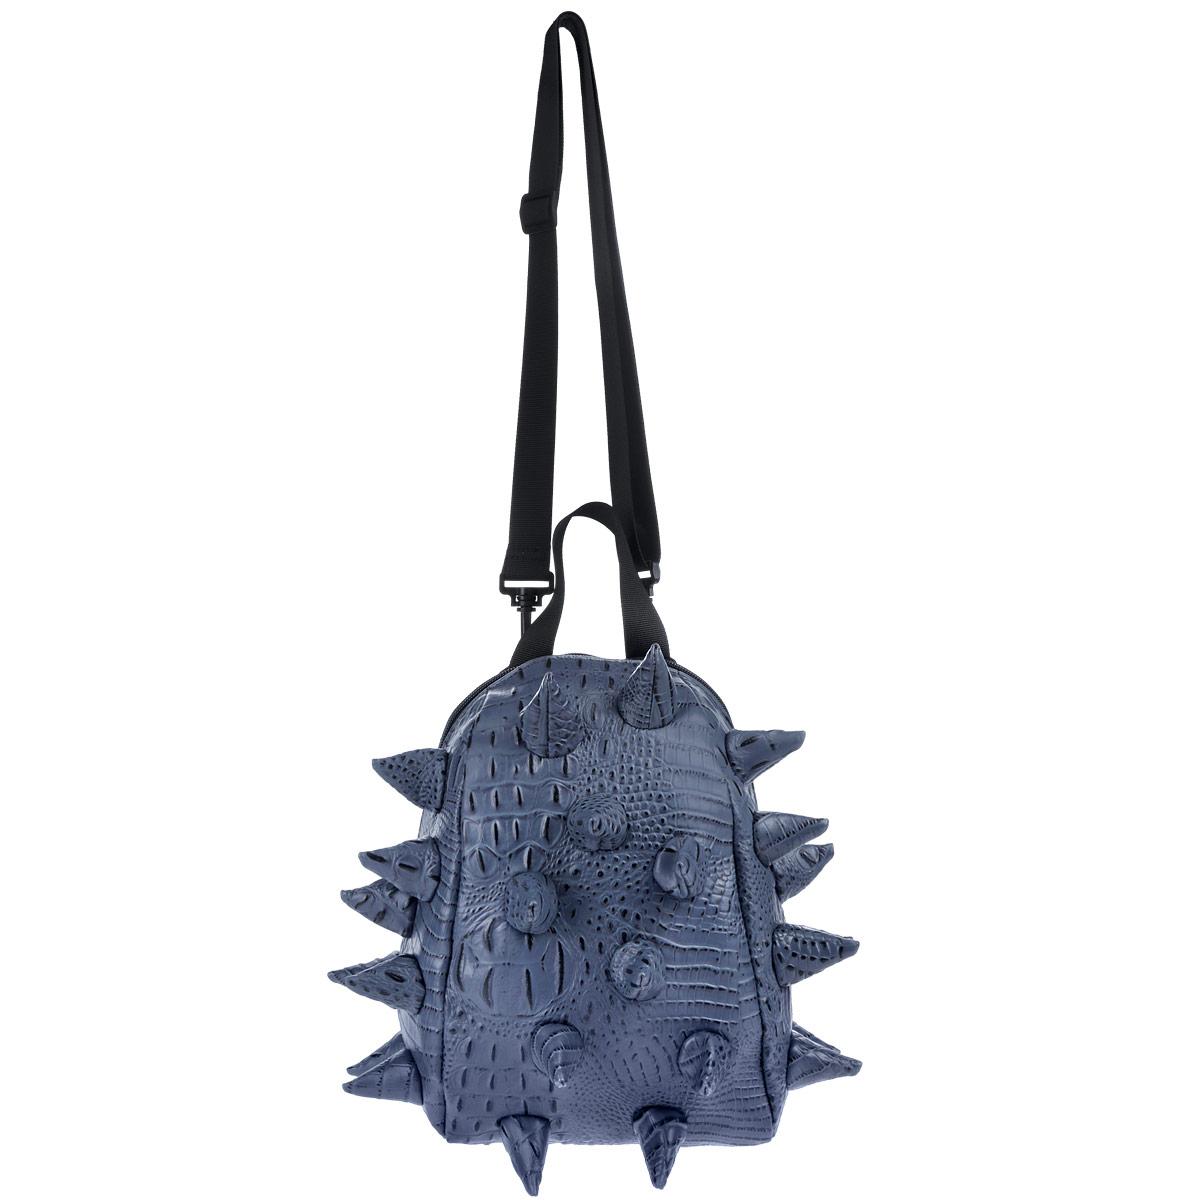 Сумка ланч-бокс MadPax Gator Nibbler, цвет: синий, 4 лCDF-16Оригинальная сумка ланч-бокс MadPax Gator Nibbler - это стильный и практичный аксессуар, который поможет сохранить вашу еду и напитки. Верх сумки выполнен из 100% поливинила с тиснением под рептилию, шипы придают изделию неповторимый дизайн. Сумка имеет одно основное отделение, которое закрывается на застежку-молнию. Внутренняя поверхность отделана специальным термоизолирующим материалом, который сохранит напитки прохладными, а домашние сэндвичи теплыми. Специальный кармашек на резинке очень удобен для напитков.Сумка имеет длинный съемный регулируемый ремень, который позволяет носить ее через плечо, и дополнительную ручку для переноски. Сзади расположен кармашек из прозрачного ПВХ для визитки. MadPax - это крутые аксессуары в стиле фанк, которые своим неповторимым дизайном бросают вызов монотонности и скуке. Эти уникальные изделия помогают детям всех возрастов самовыражаться, а их внутренняя структура с отделениями, карманами и застежками-молниями делает их невероятно практичными. Материал верха: поливинил.